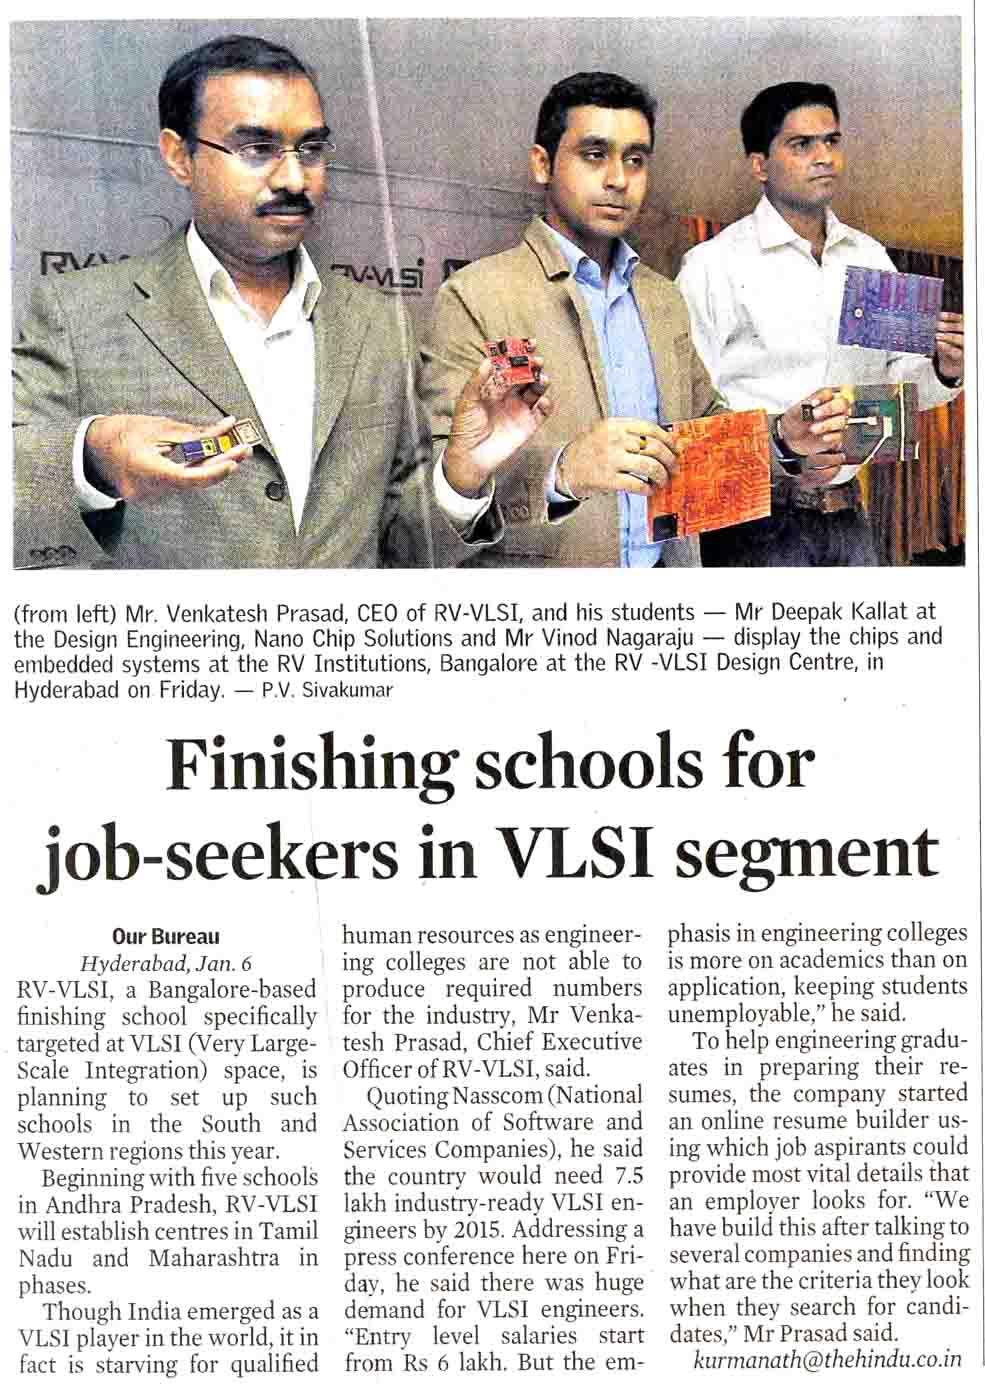 RV-VLSI -Resume Builder -News -BusinessLine